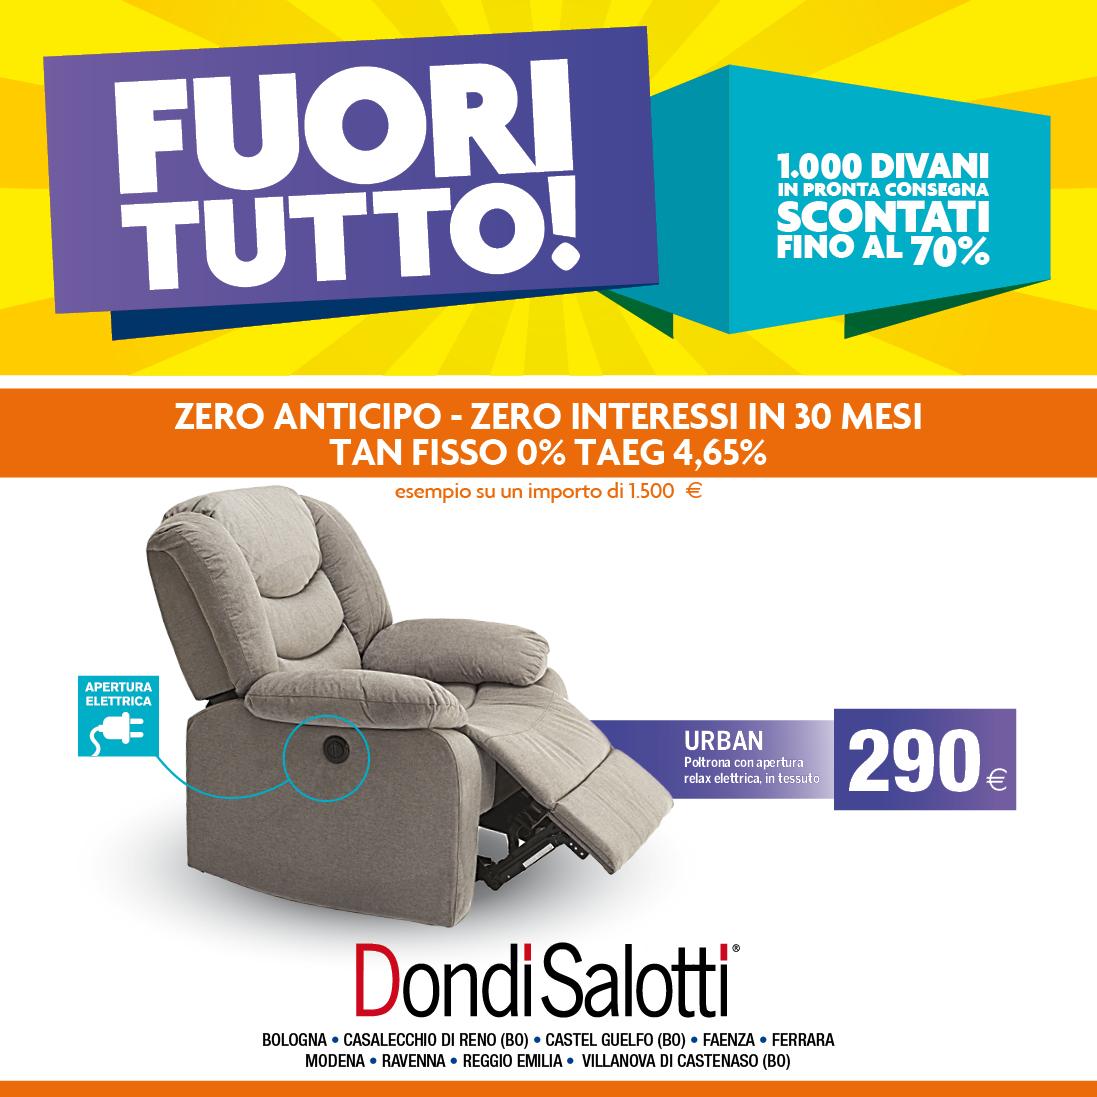 FUORI TUTTO - Zero anticipo e Zero interessi - Dondi Home - Rimini ...